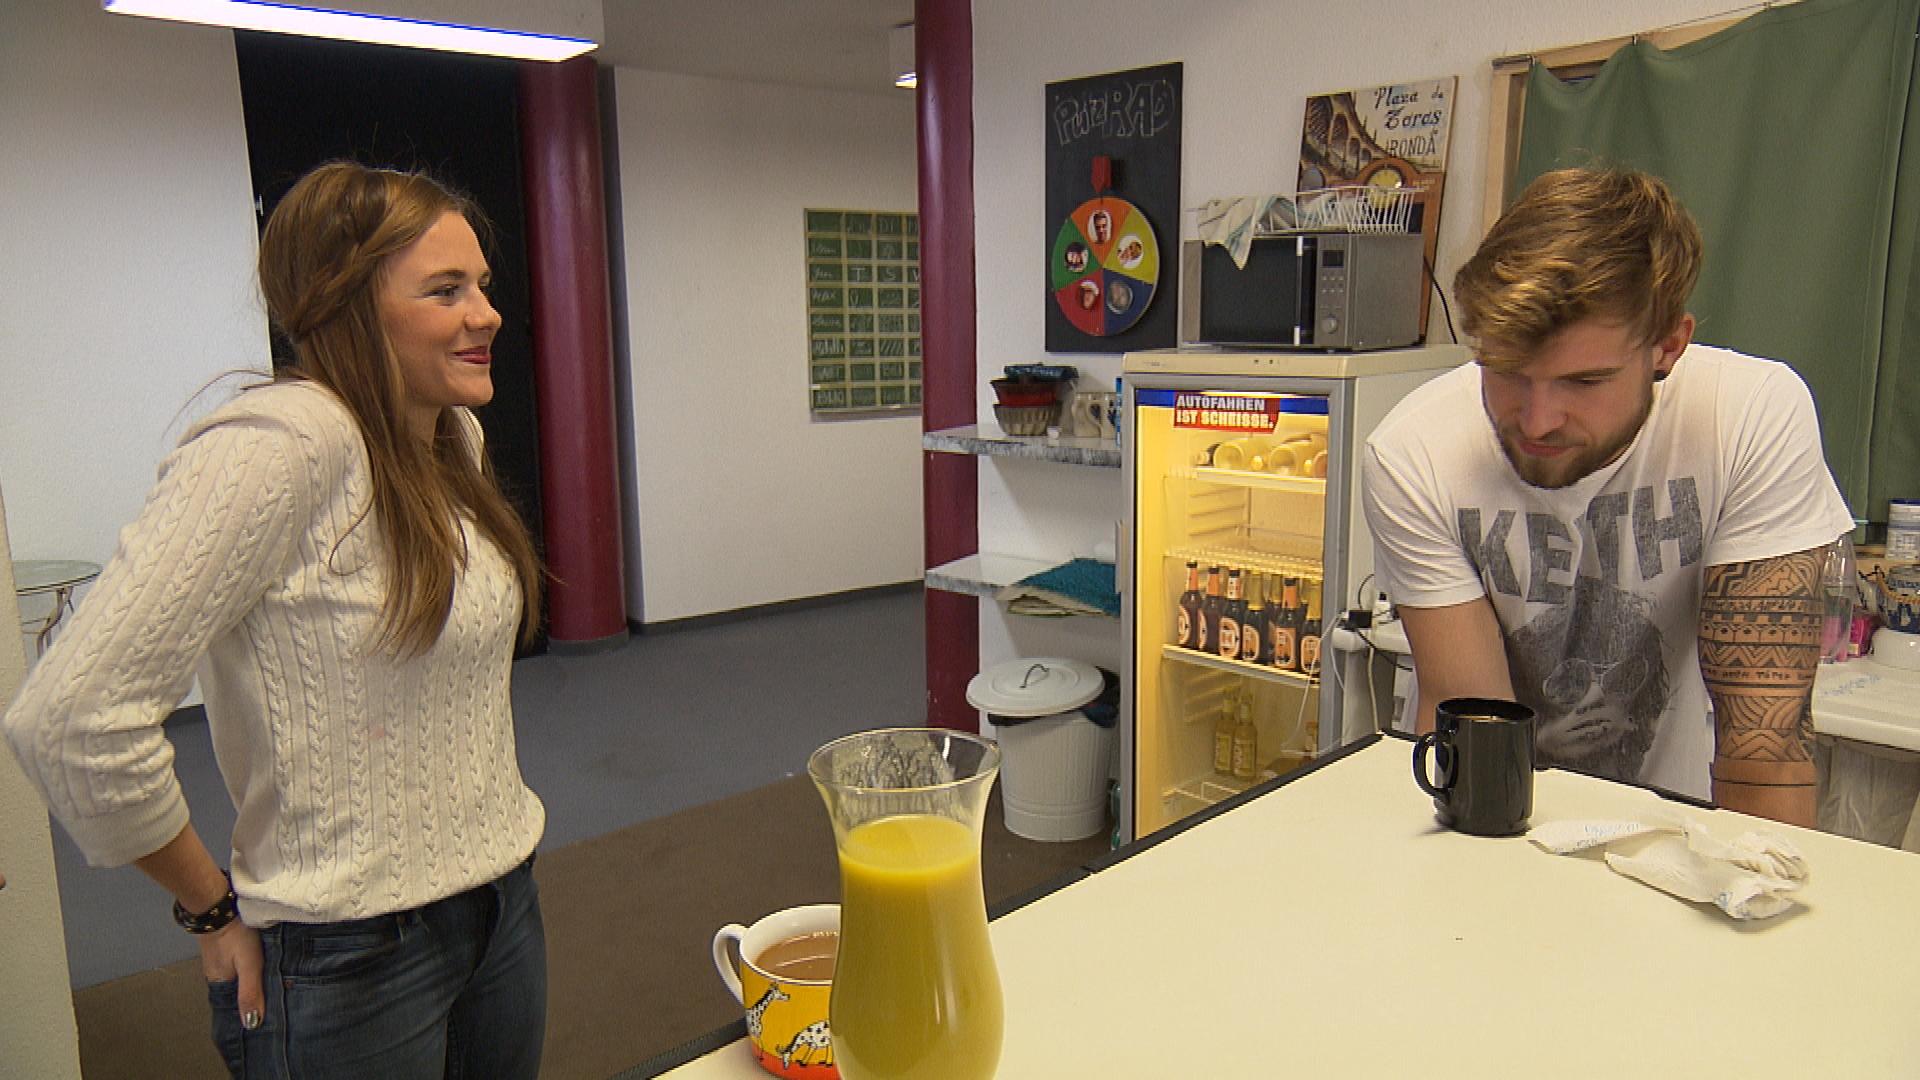 Chris beginnt zusammen mit Felix mit der Renovierung seines Zimmers. Während der Arbeiten steht überraschend Anna vor der Tür. (Quelle: RTL 2)